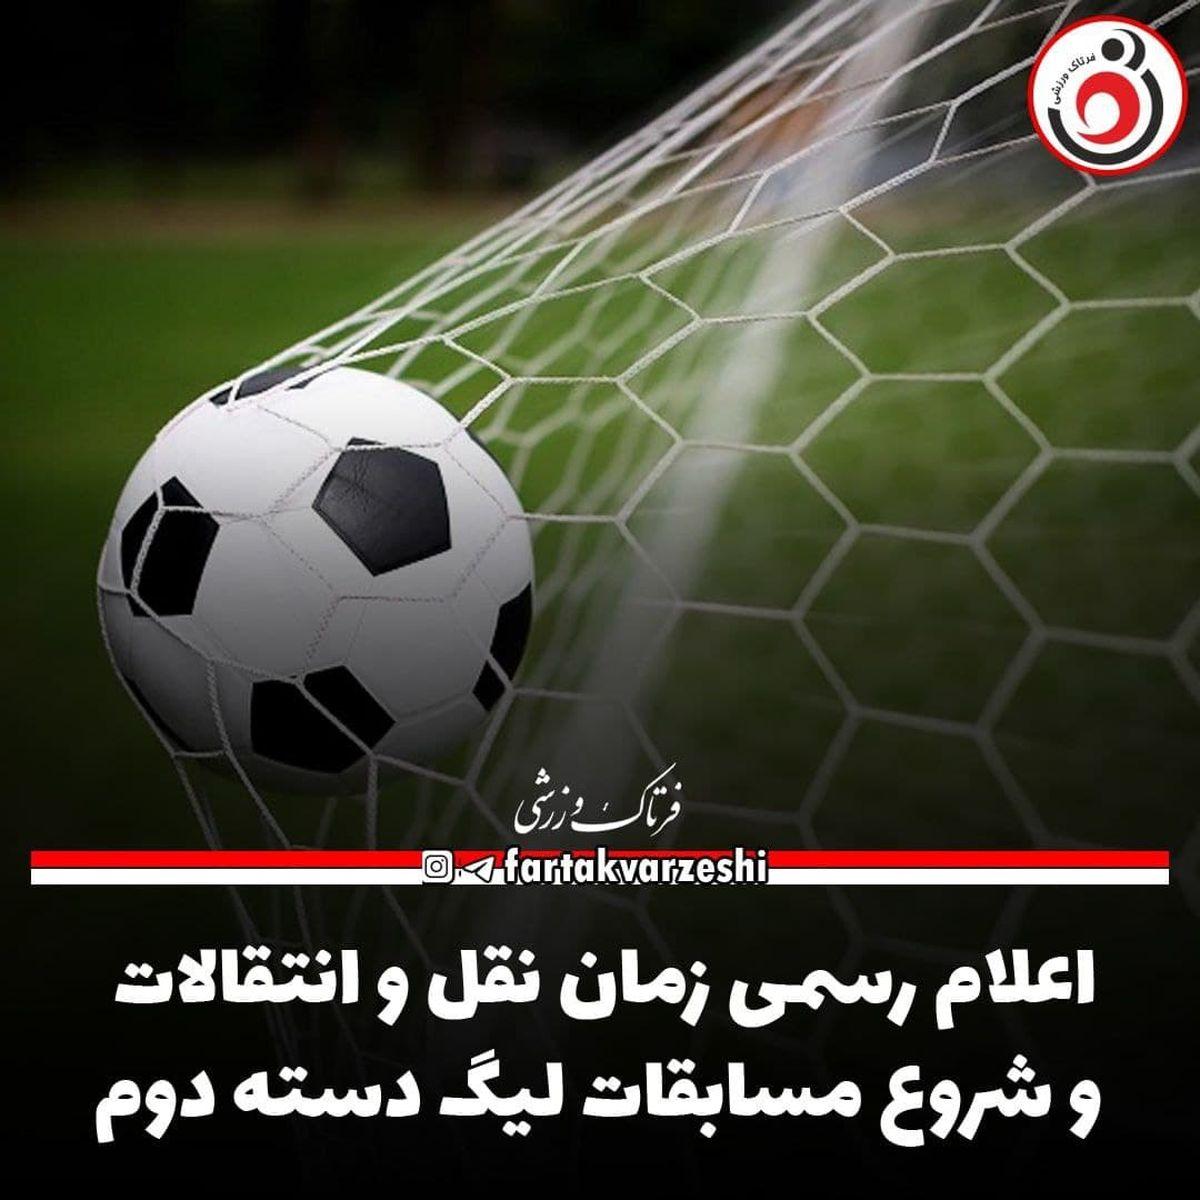 اعلام رسمی زمان نقل و انتقالات و شروع مسابقات لیگ دسته دوم